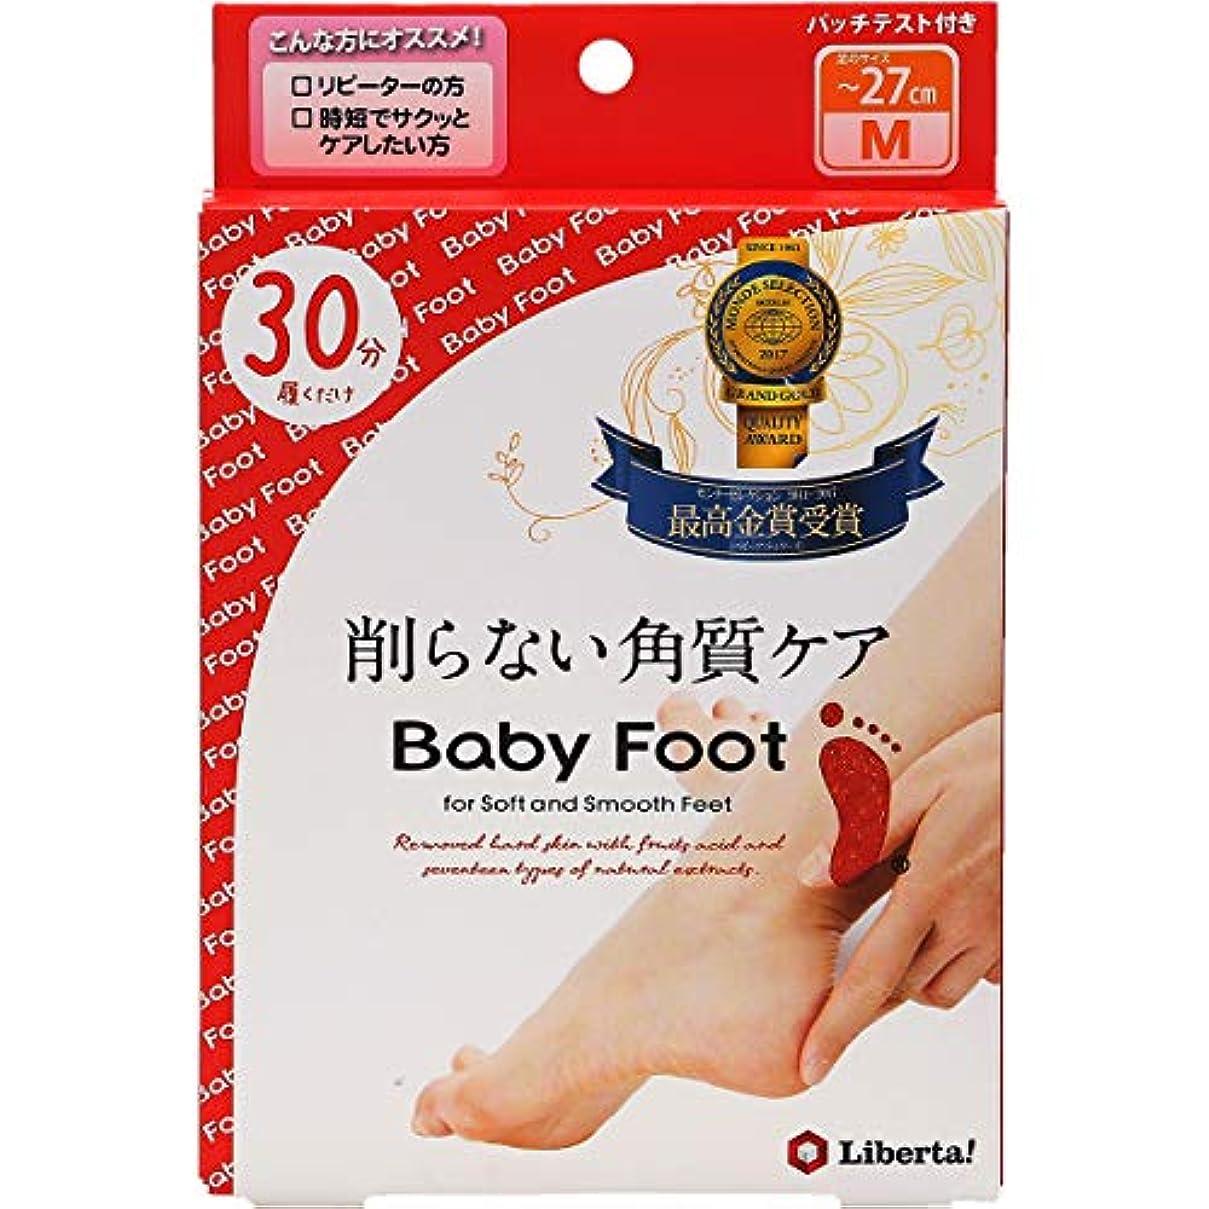 夜の動物園イノセンスベビーフット (Baby Foot) ベビーフット イージーパック30分タイプ Mサイズ 単品